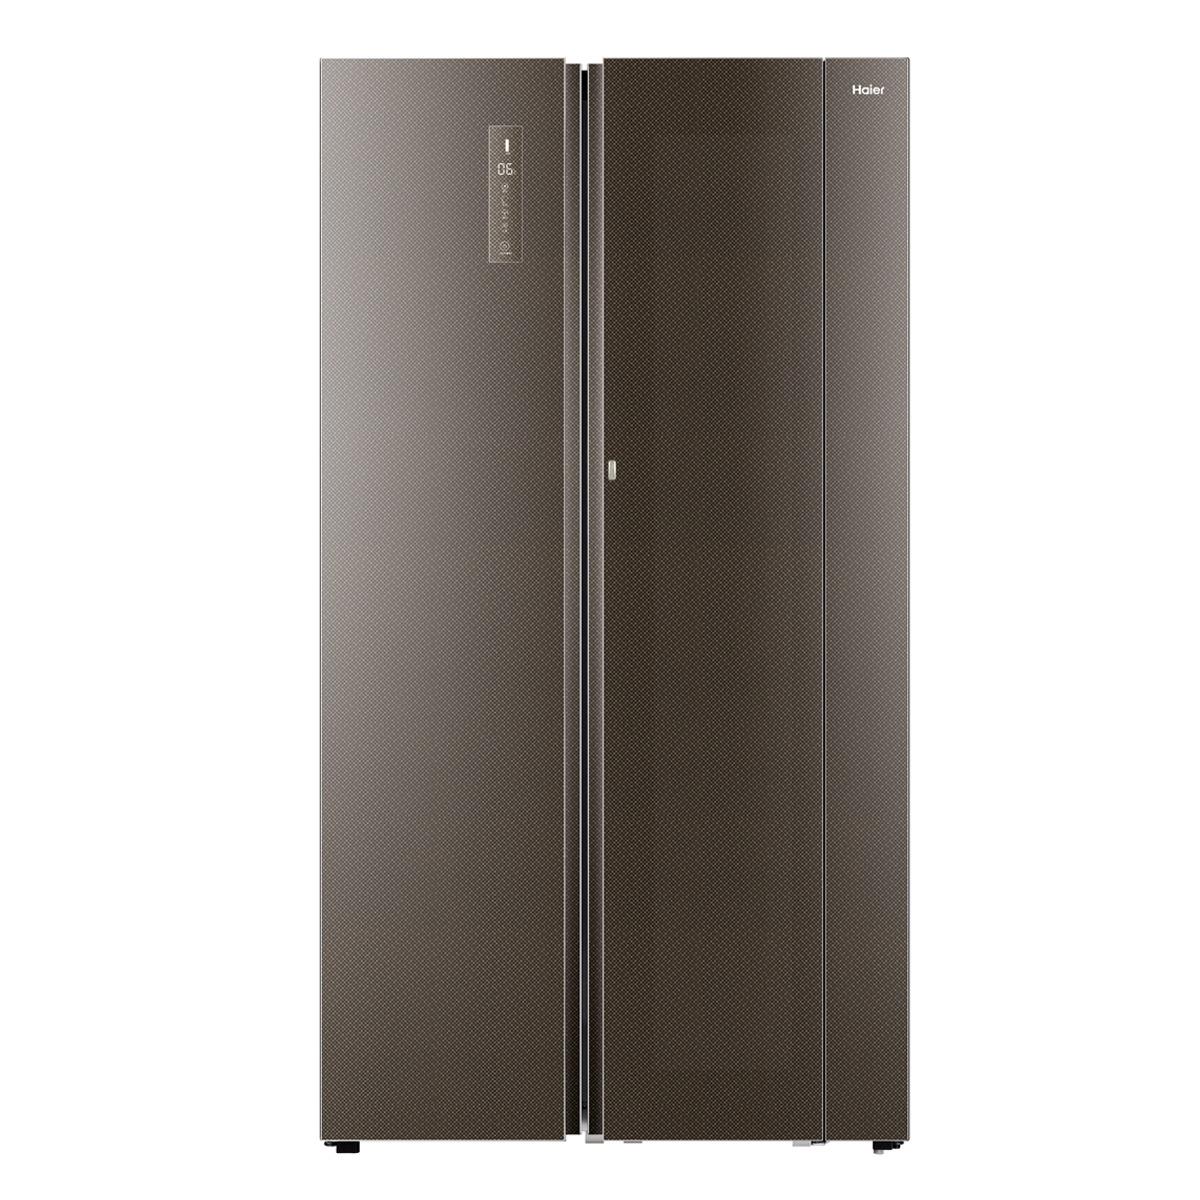 海尔Haier冰箱 BCD-800WBCOU1 说明书